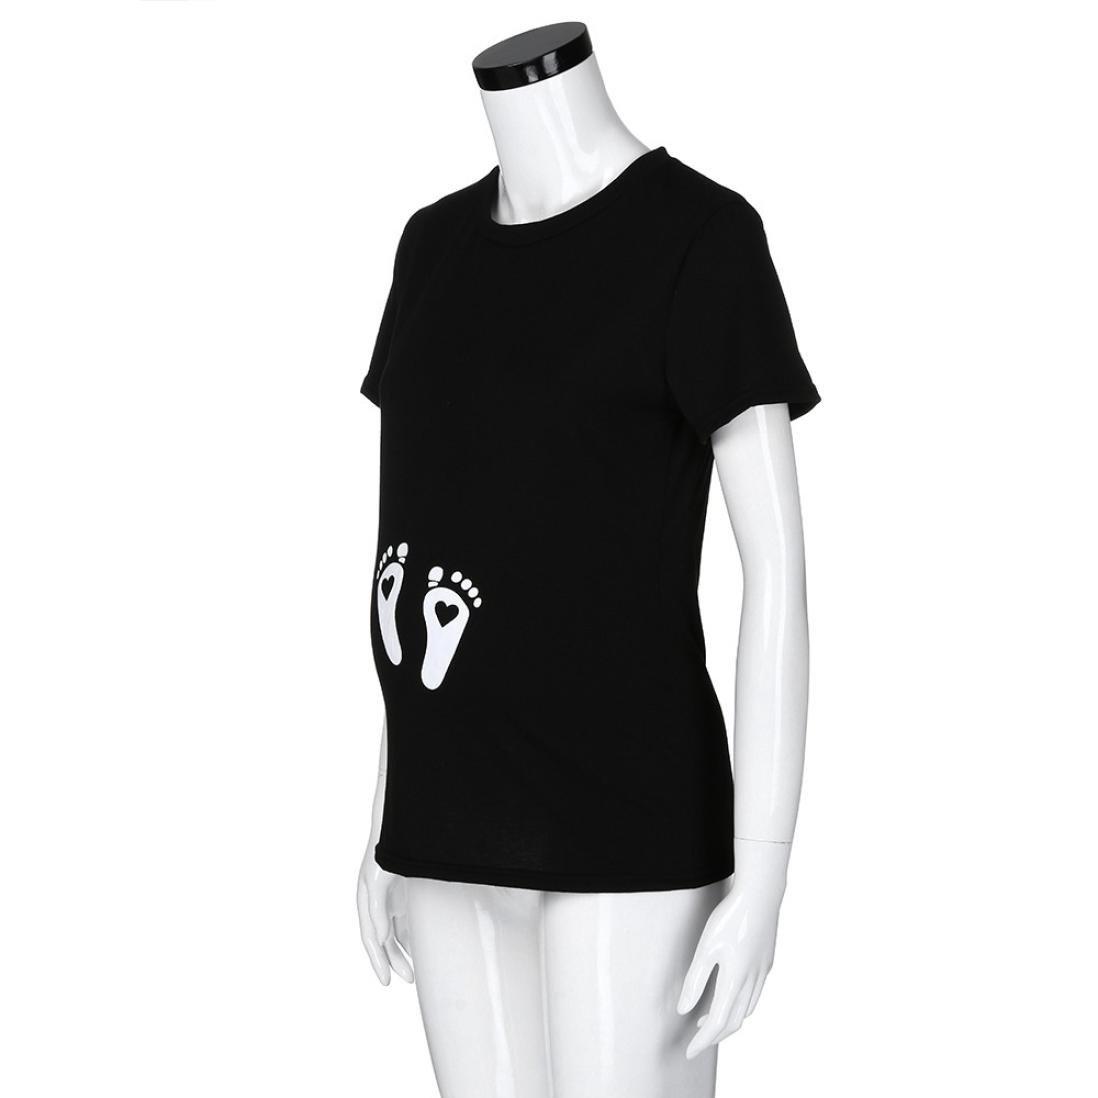 b44b44fb1 Gusspower Mujer Blusa Mangas Corta Estampado Ropa premamá Camiseta de Huella  para la Maternidad Huellas del bebé(Negro)  Amazon.es  Ropa y accesorios